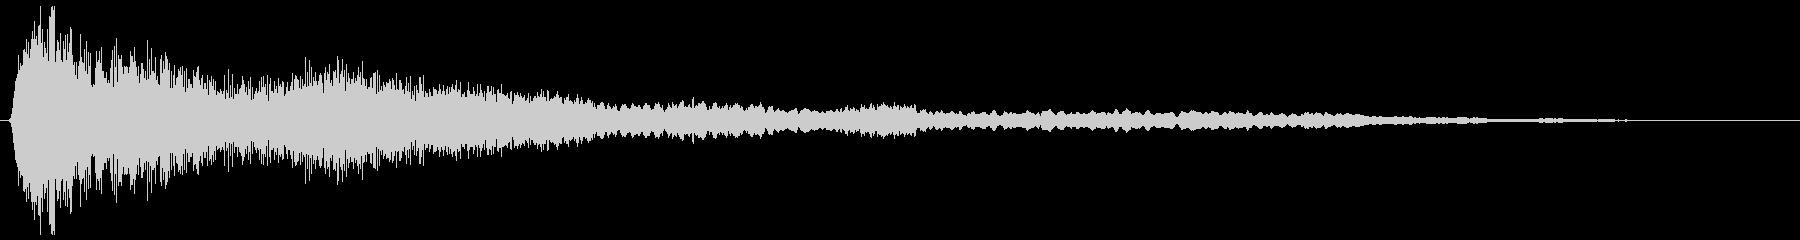 除夜の鐘 (ゴォォォン…)の未再生の波形